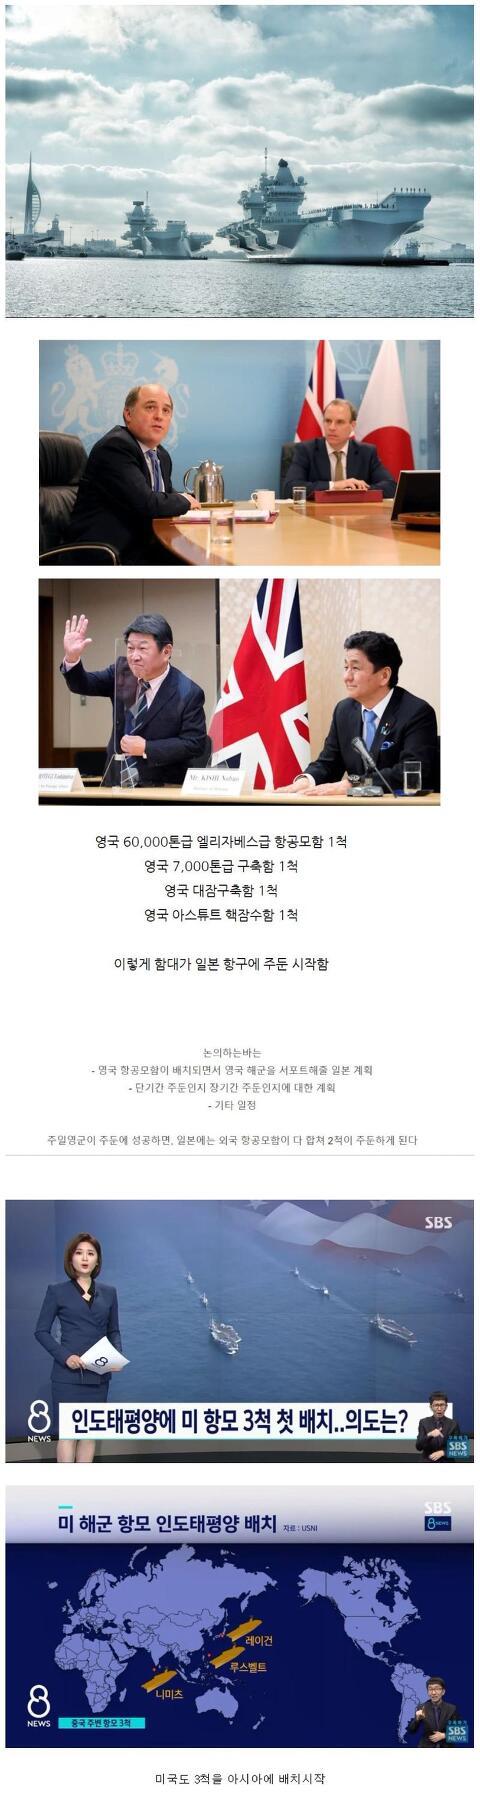 영국 일본에 파병 결정, 사실상 주일영군 배치